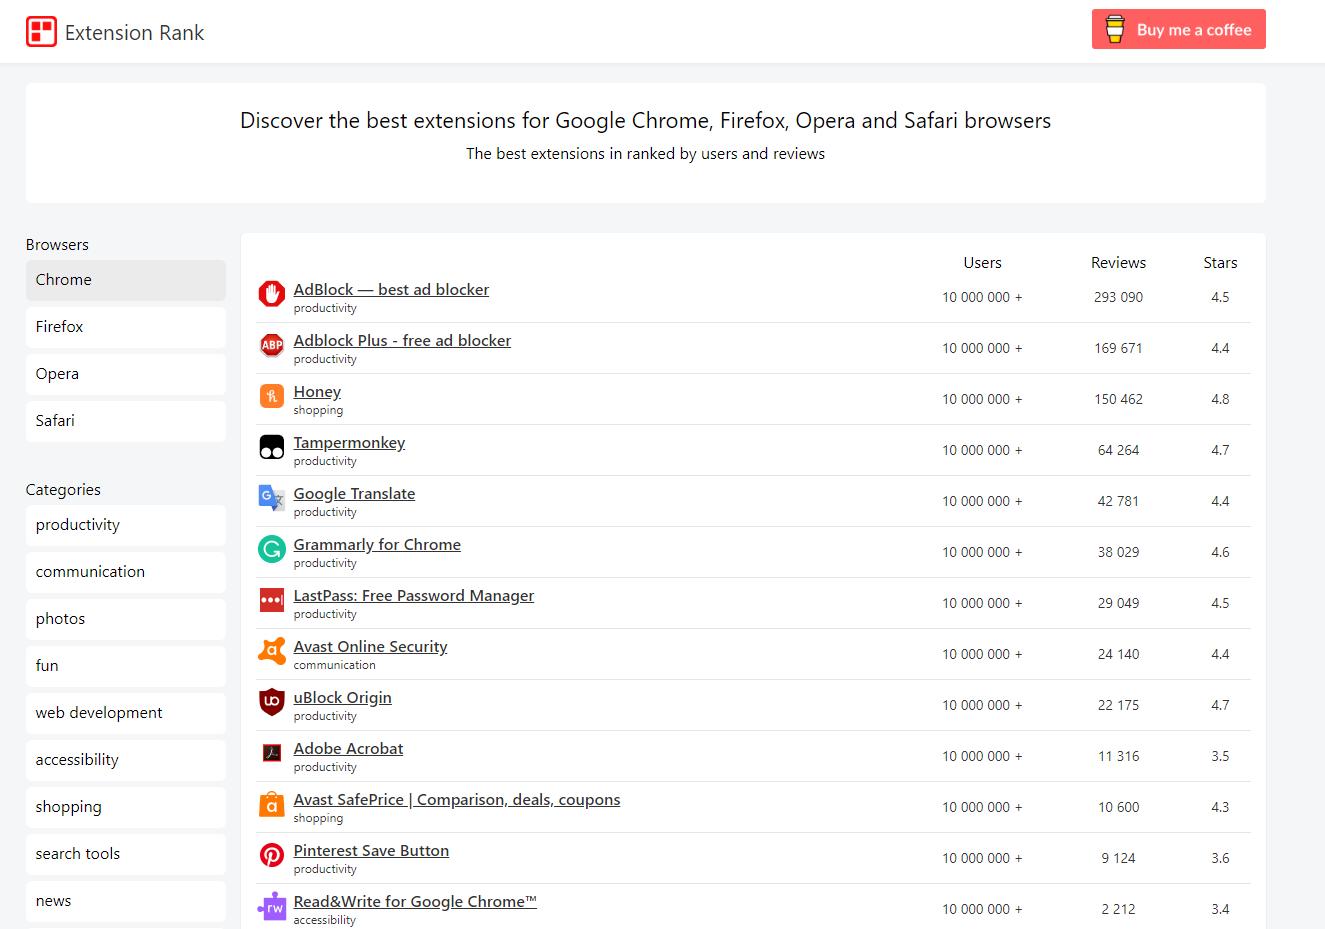 Un annuaire recensant les meilleures extensions pour les navigateurs web